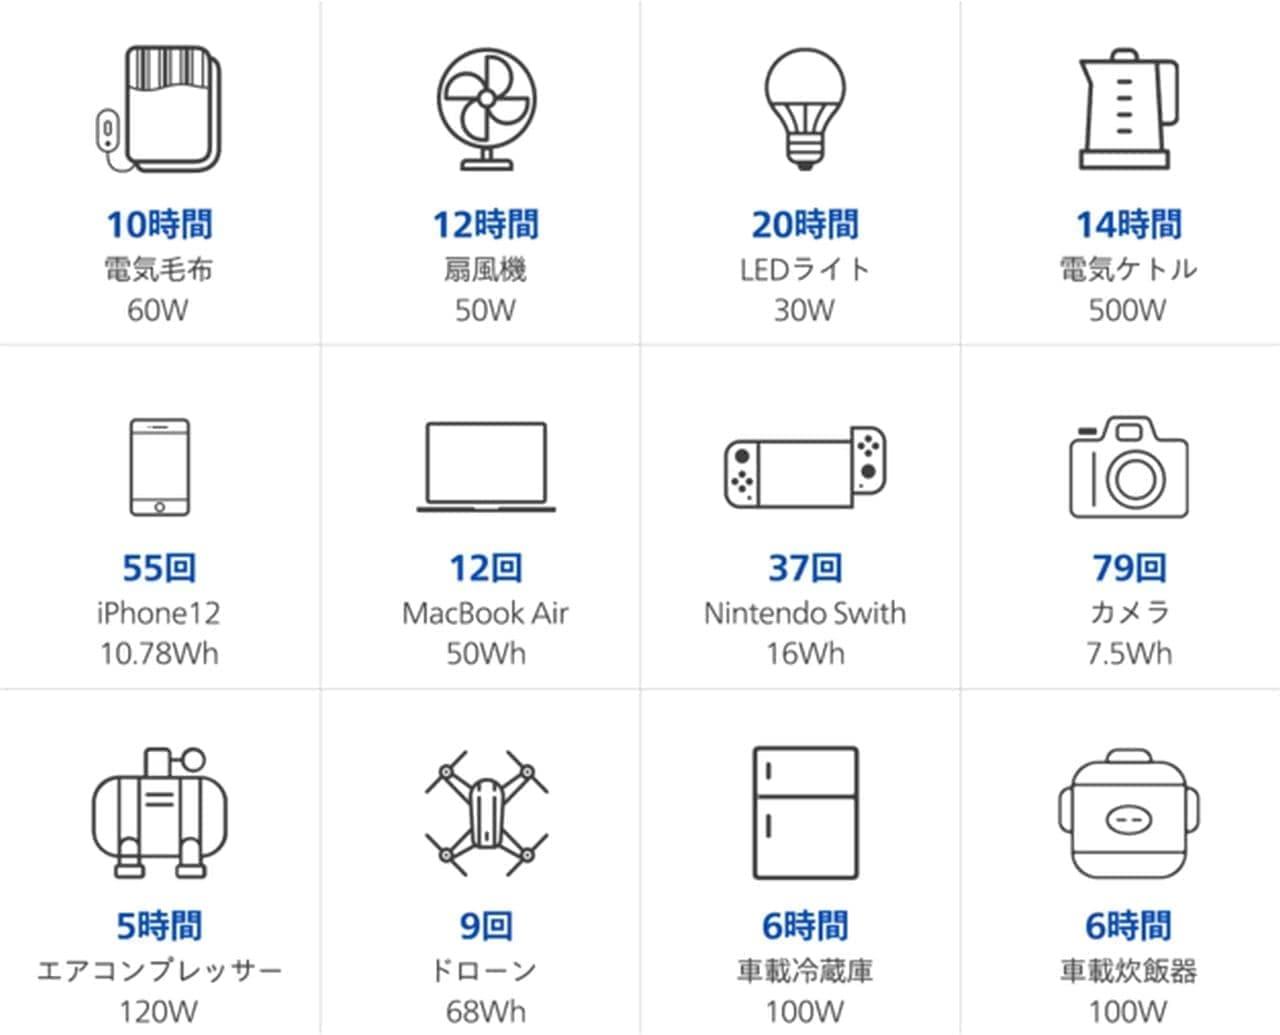 取り外したバッテリーは単独で充電し、次の利用に備えることが可能。フル充電に必要な時間は2~3時間となっています。